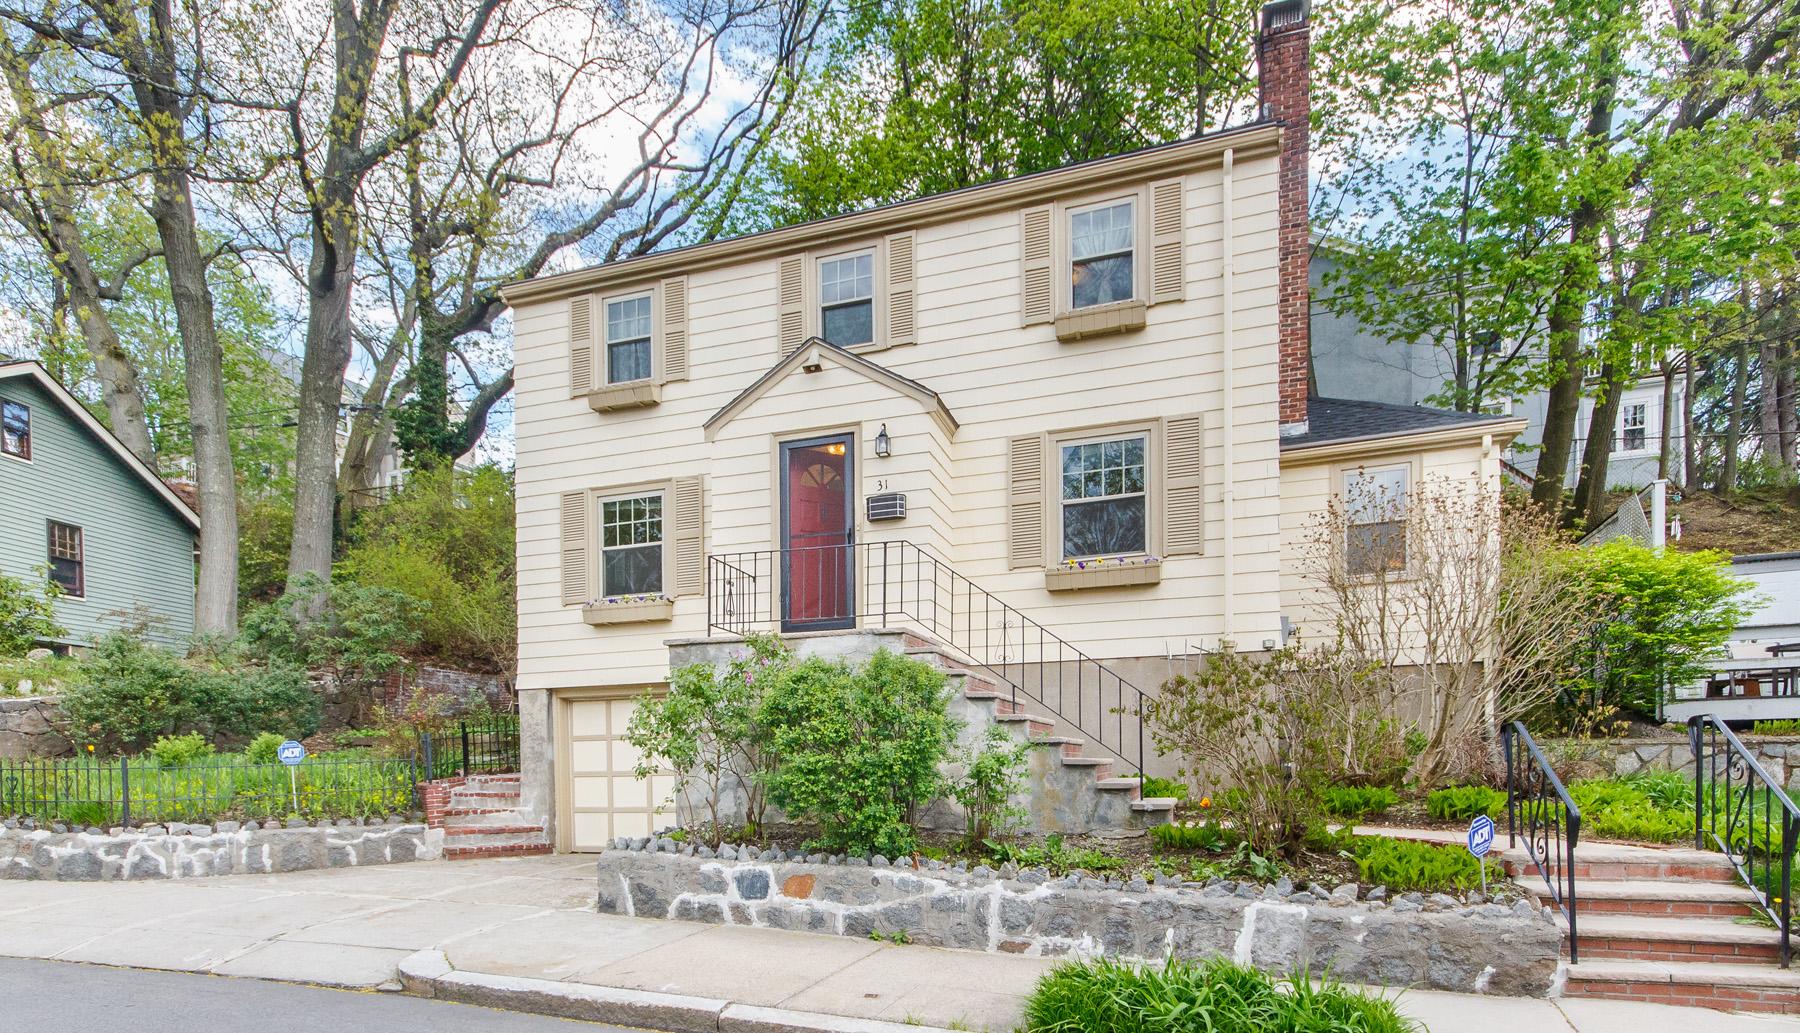 Tek Ailelik Ev için Satış at 31 Northbourne Rd, Boston Boston, Massachusetts, 02130 Amerika Birleşik Devletleri